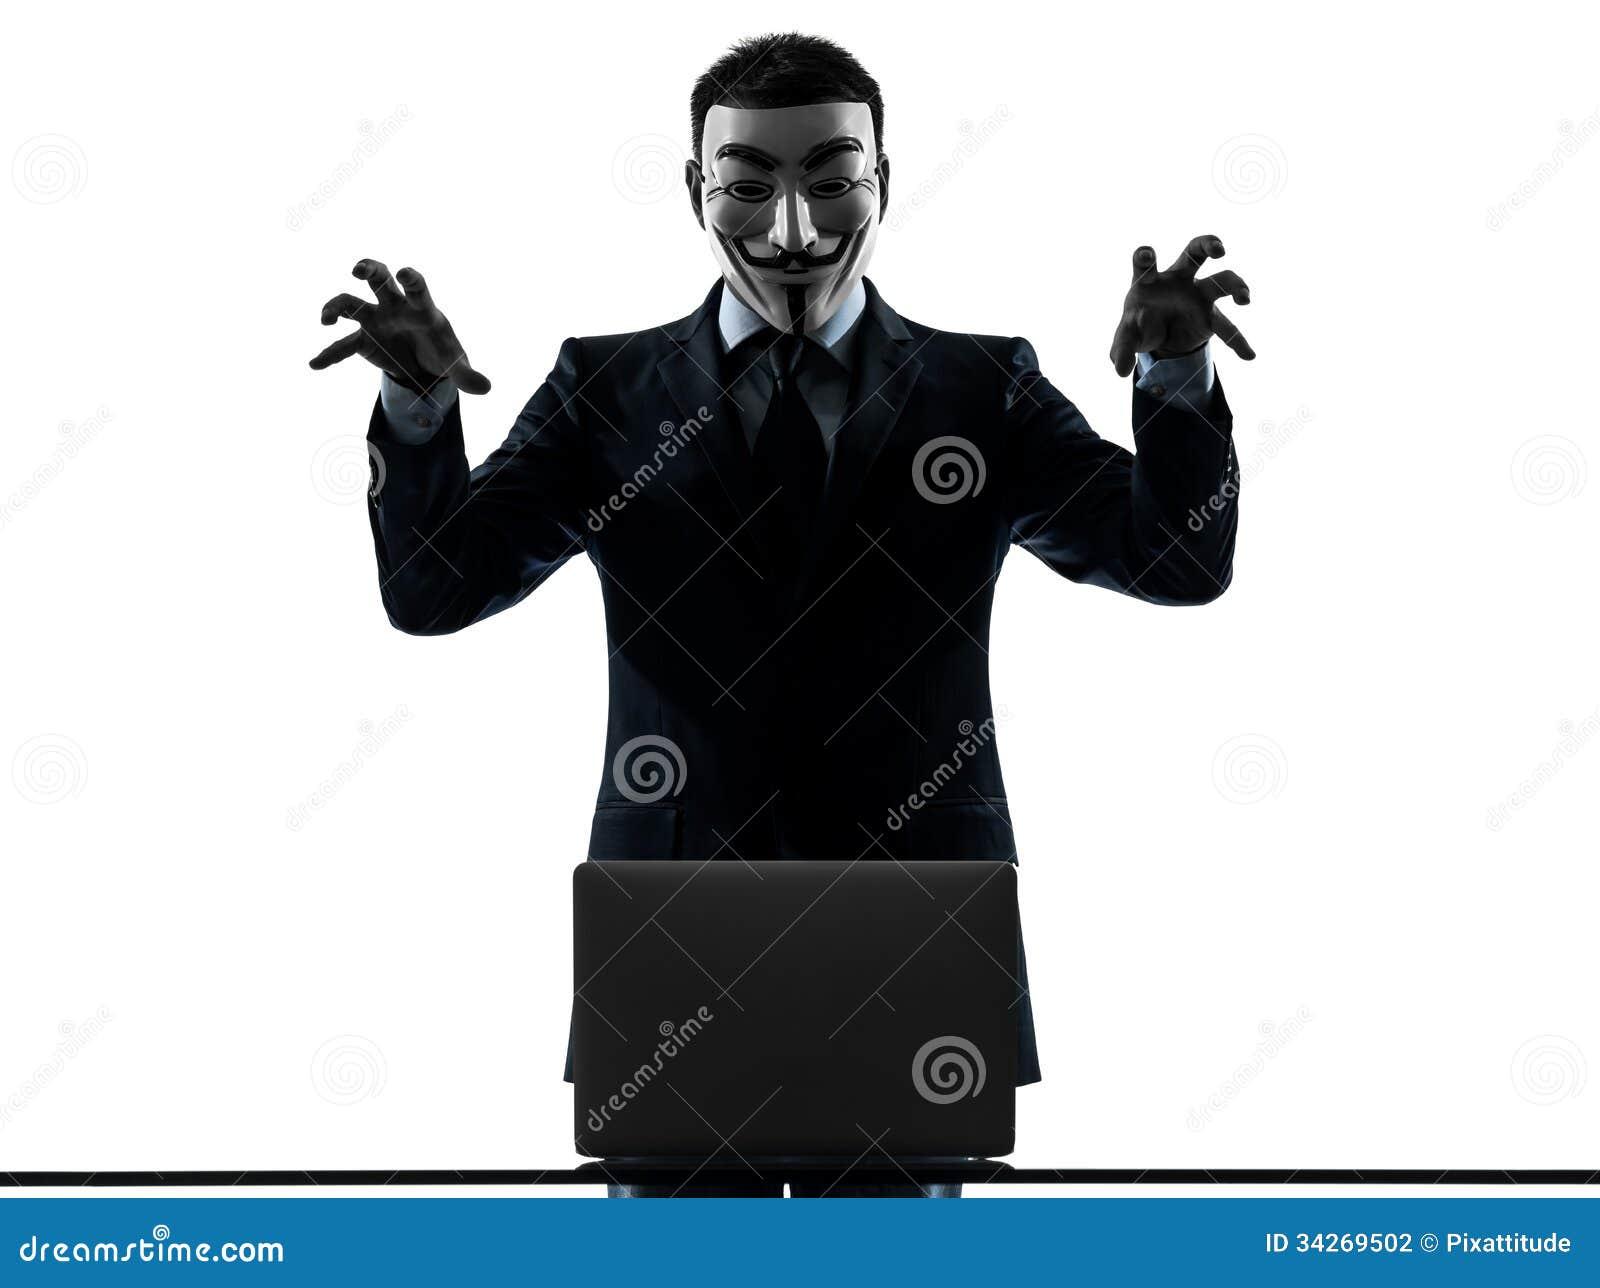 El hombre enmascaró el ordenador computacional del miembro anónimo del grupo que amenazaba el si